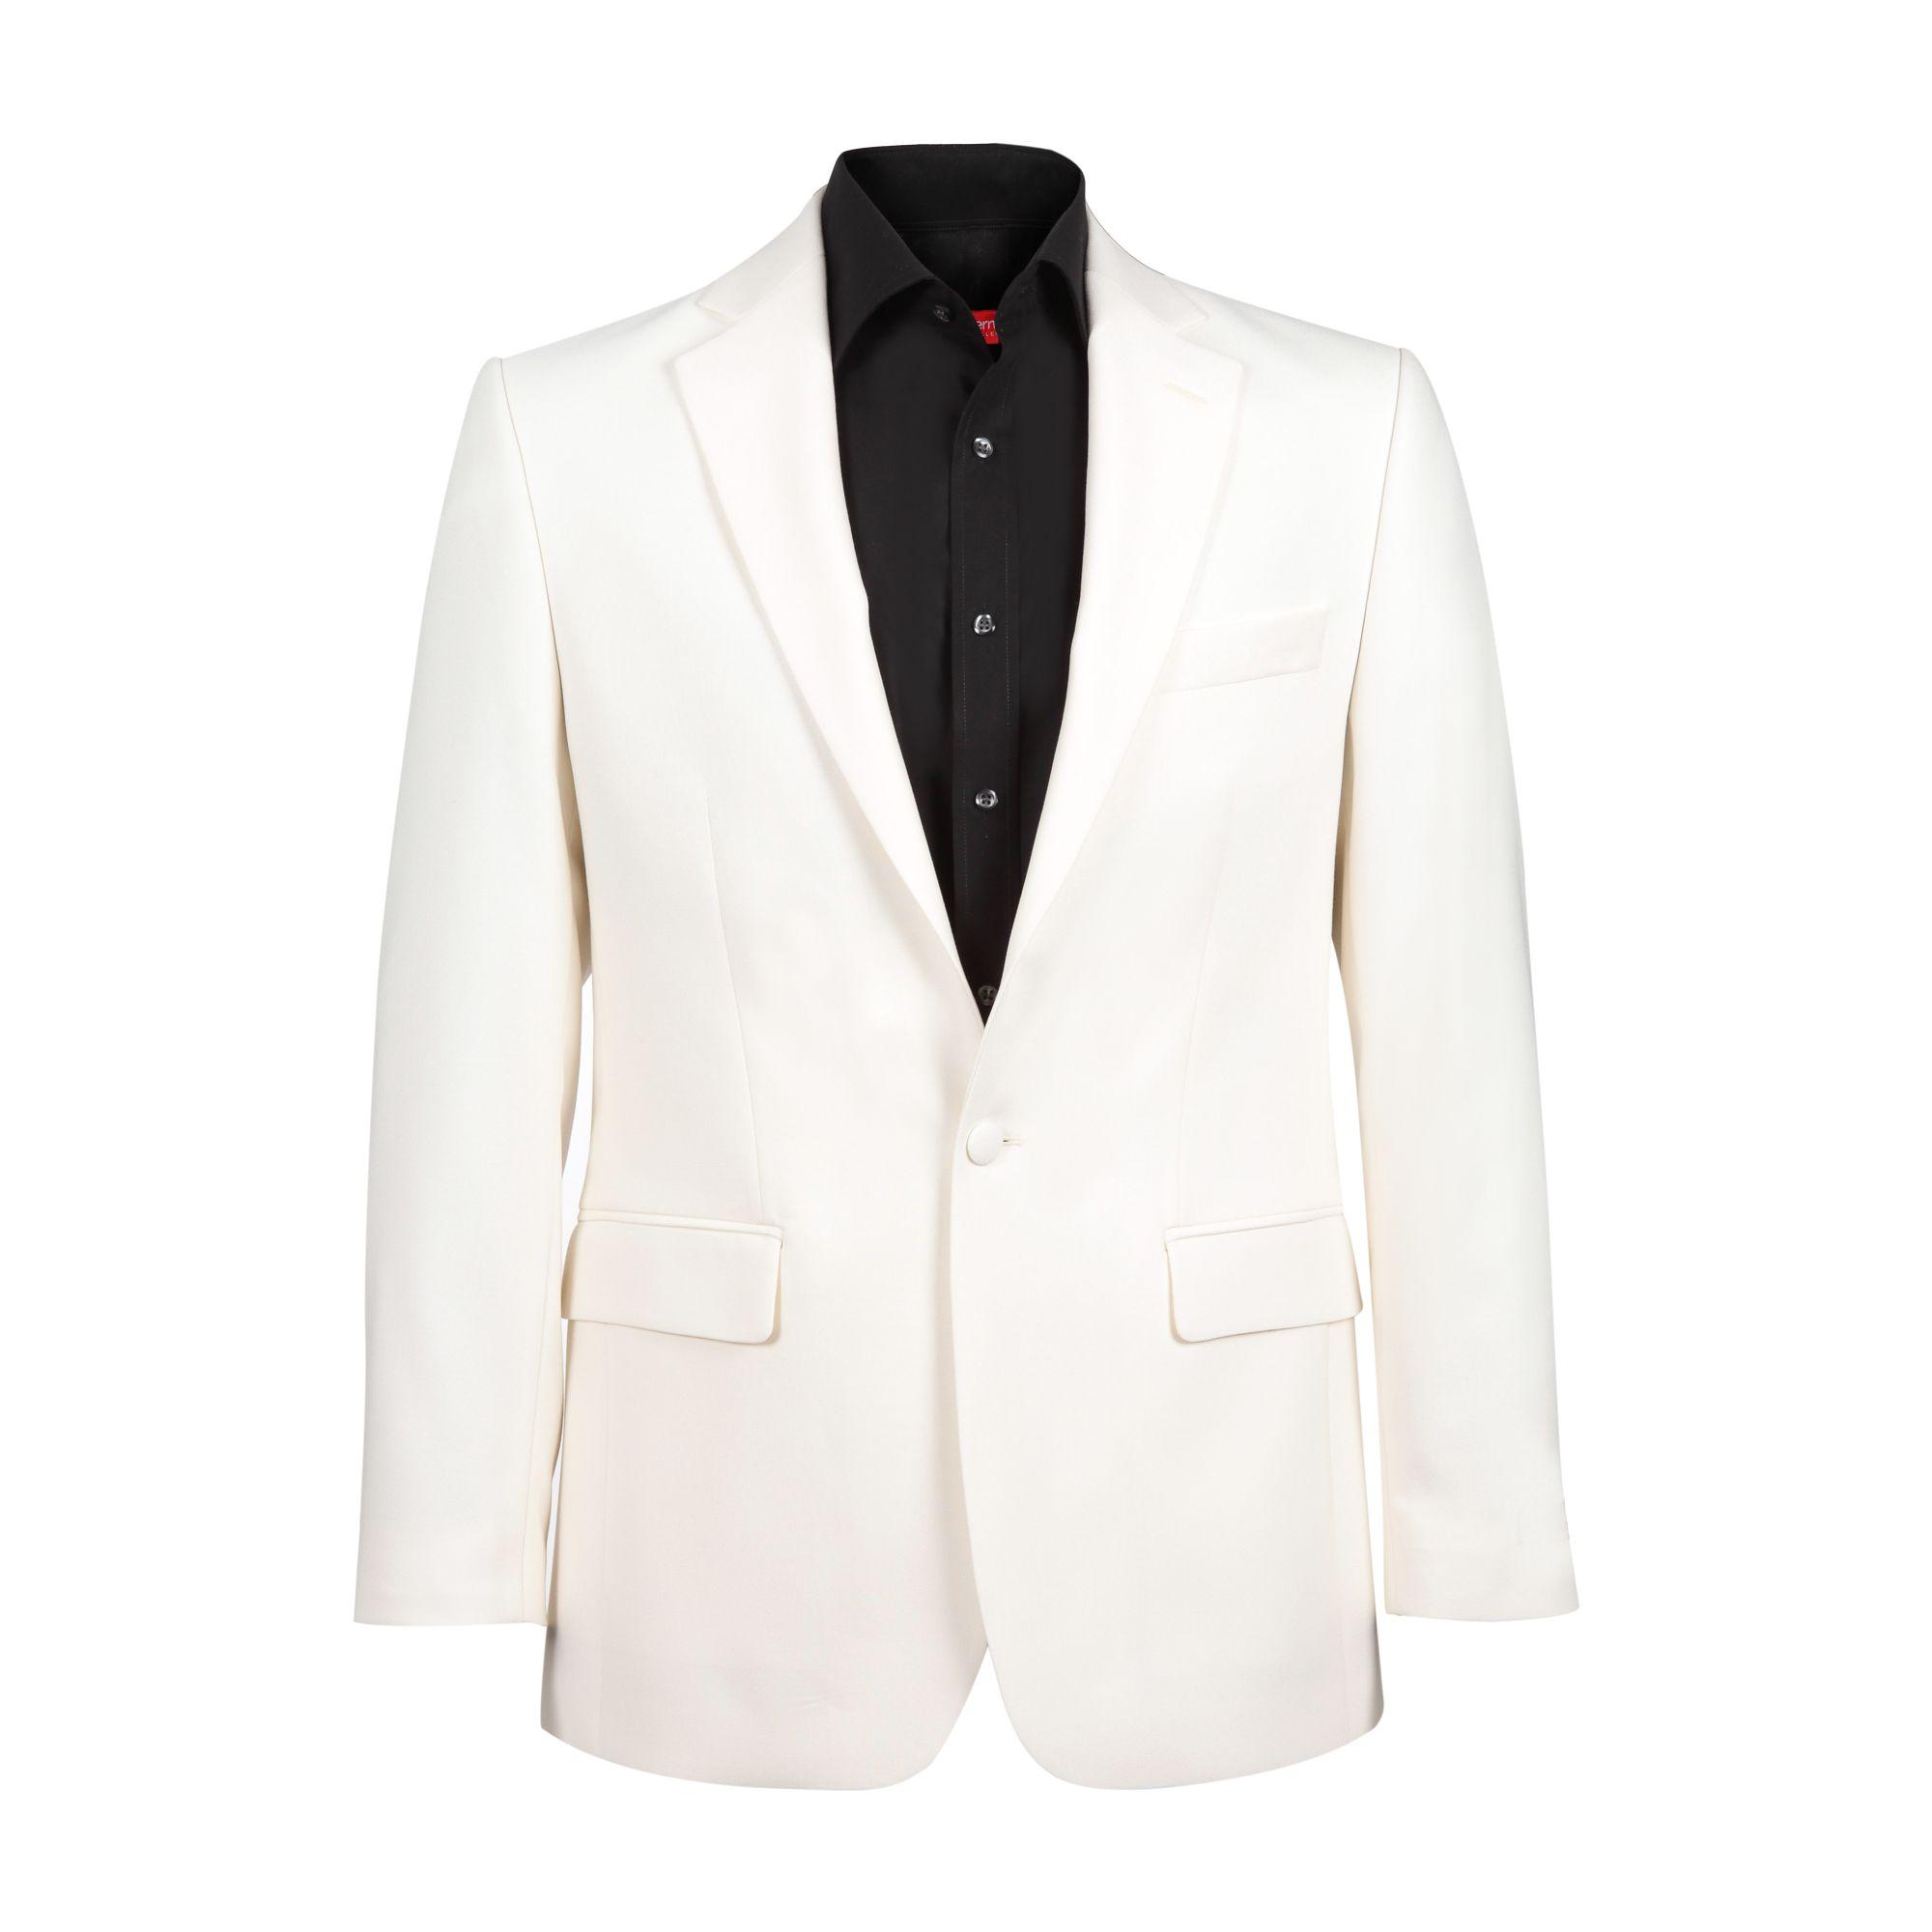 beyaz-ceket-beyaz-takim